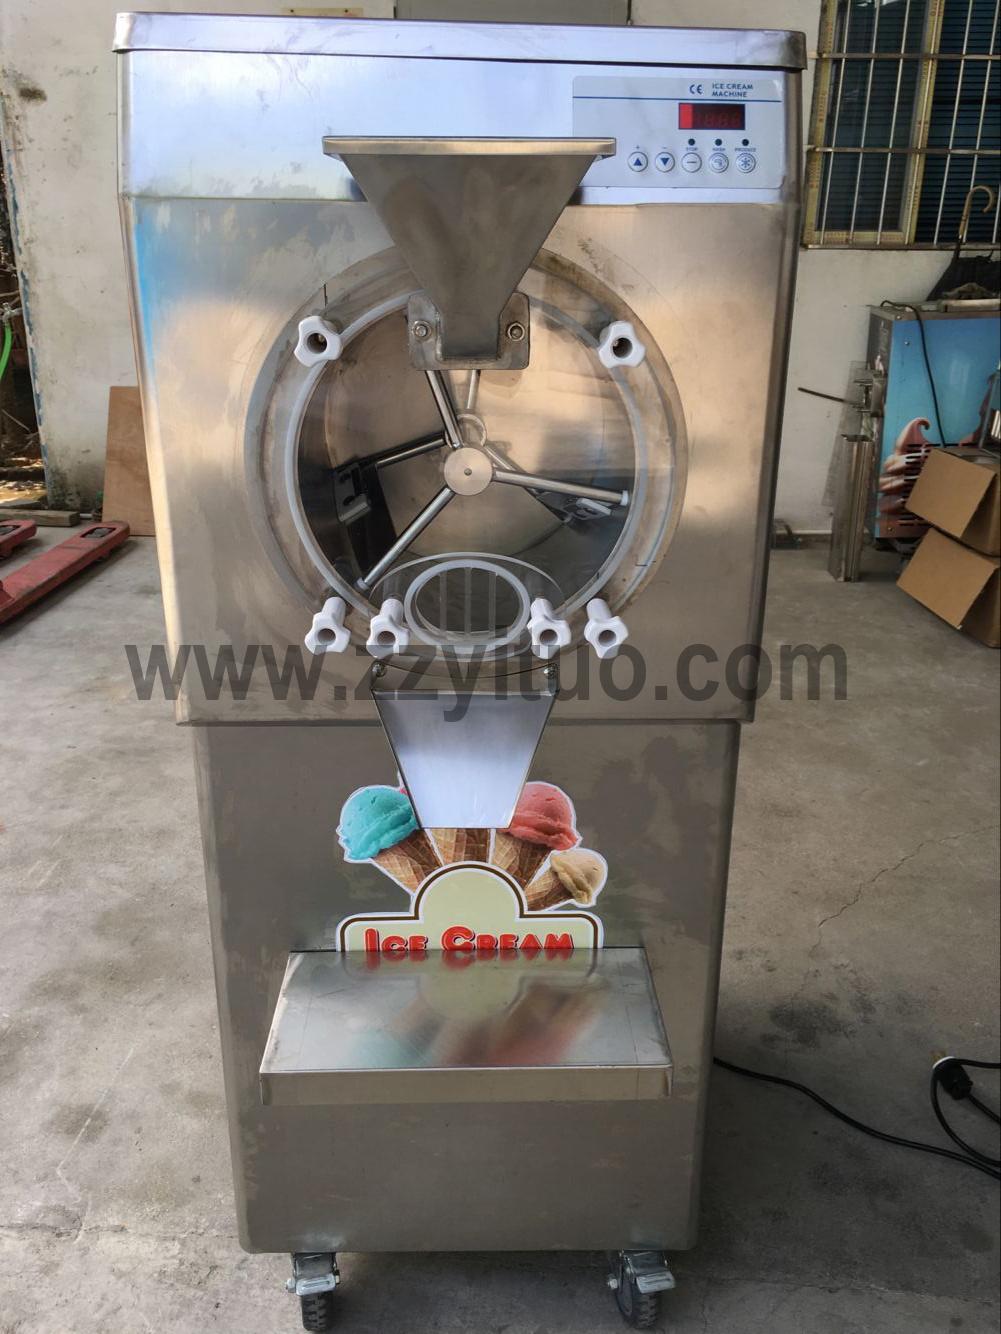 Venta caliente 28-35L/H uso comercial de acero inoxidable helado duro fabricante de helado